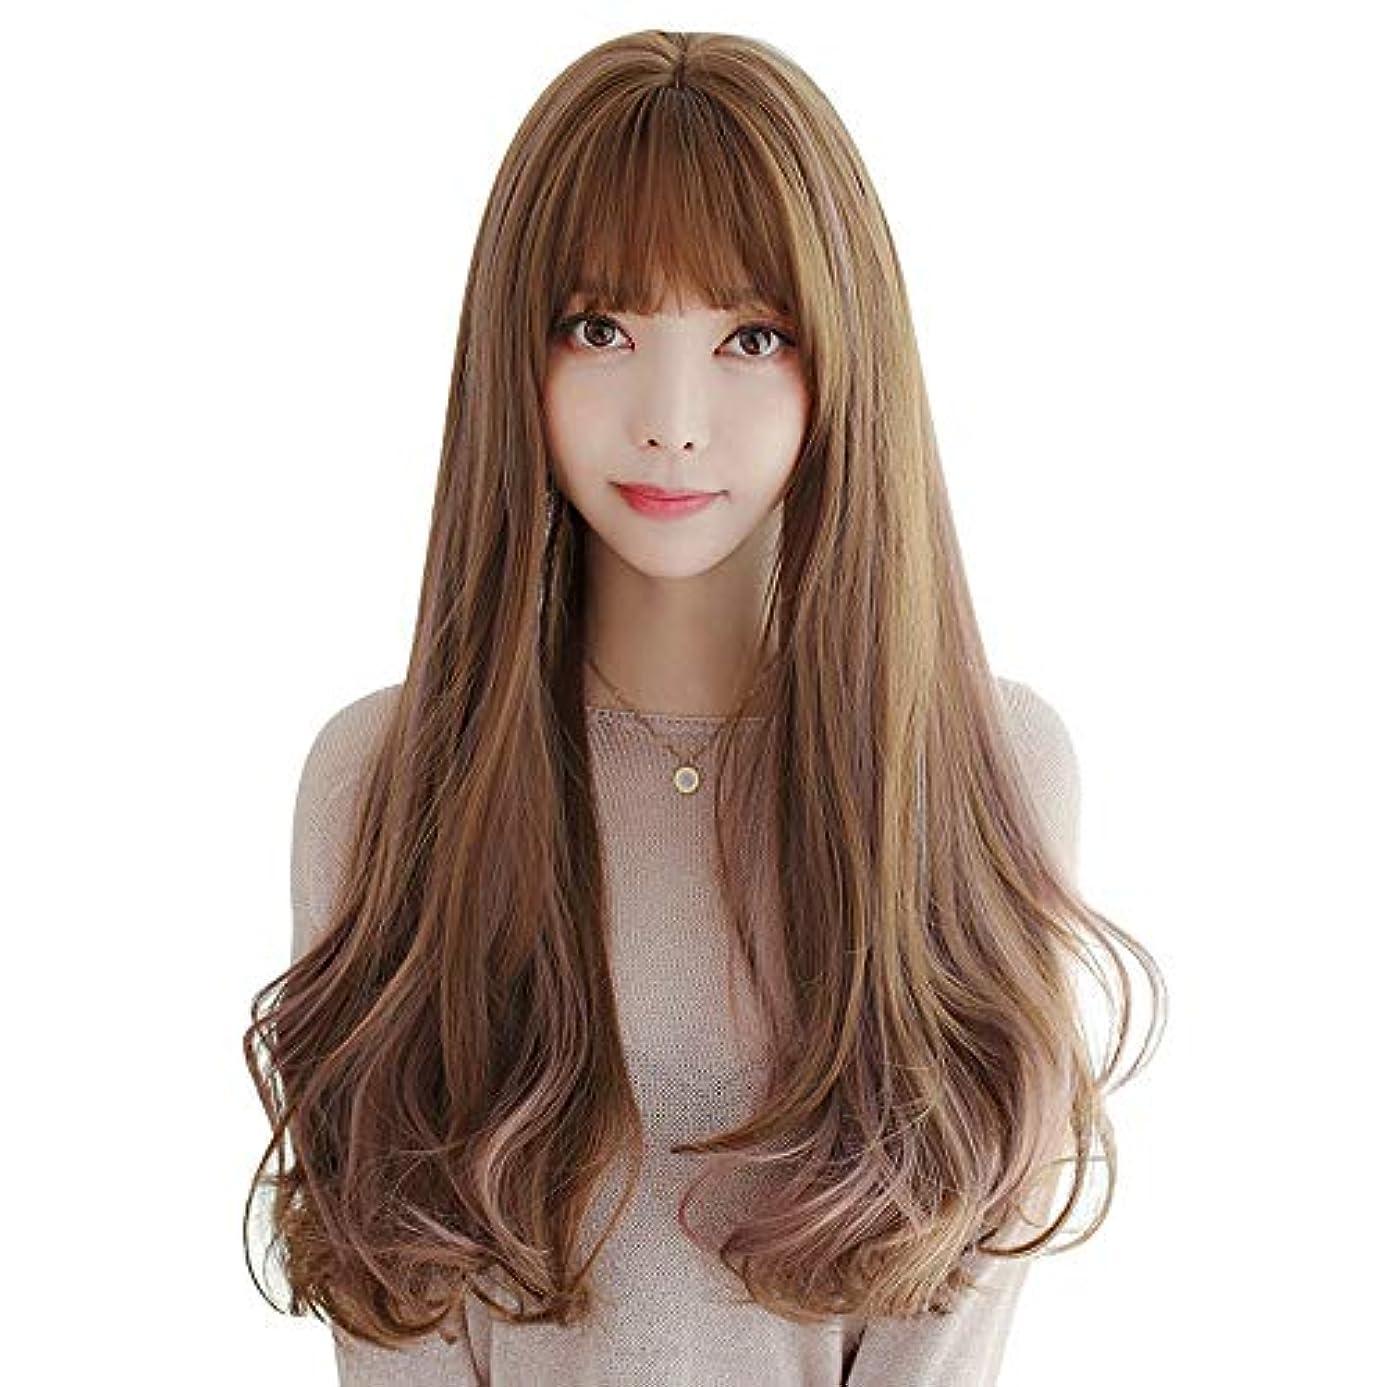 混雑処理率直なSRY-Wigファッション ヨーロッパとアメリカの女性の波状かつら前髪ミドル丈合成コスプレかつら日常用または衣装 (Color : 01, Size : フリー)